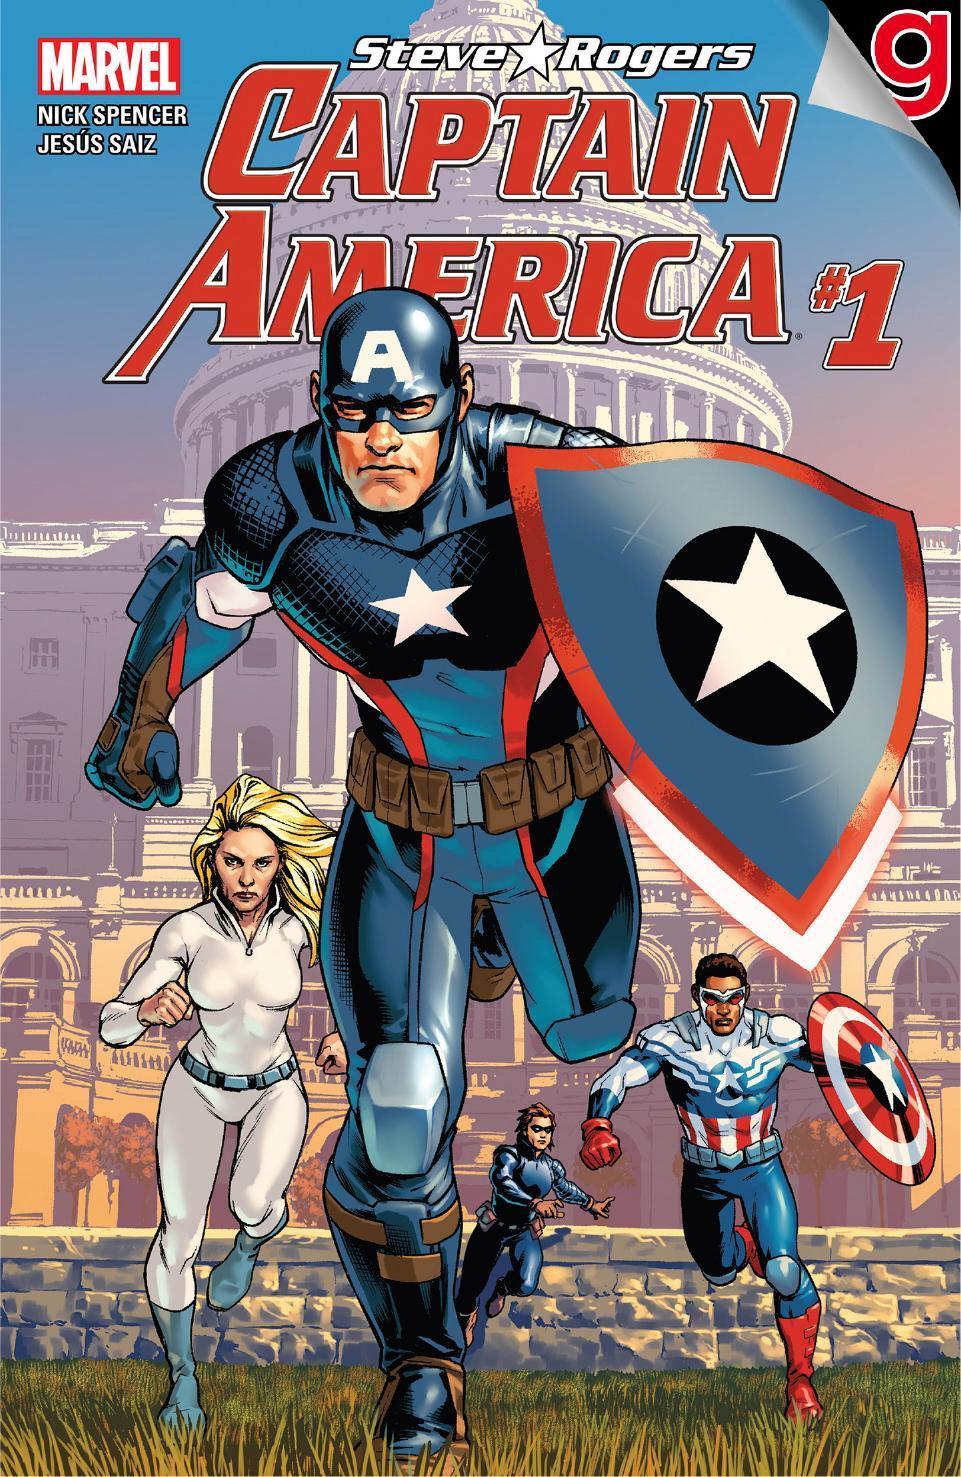 El Capitán América regresó en los cómics homónimos del héroe (Foto: Marvel Comics)